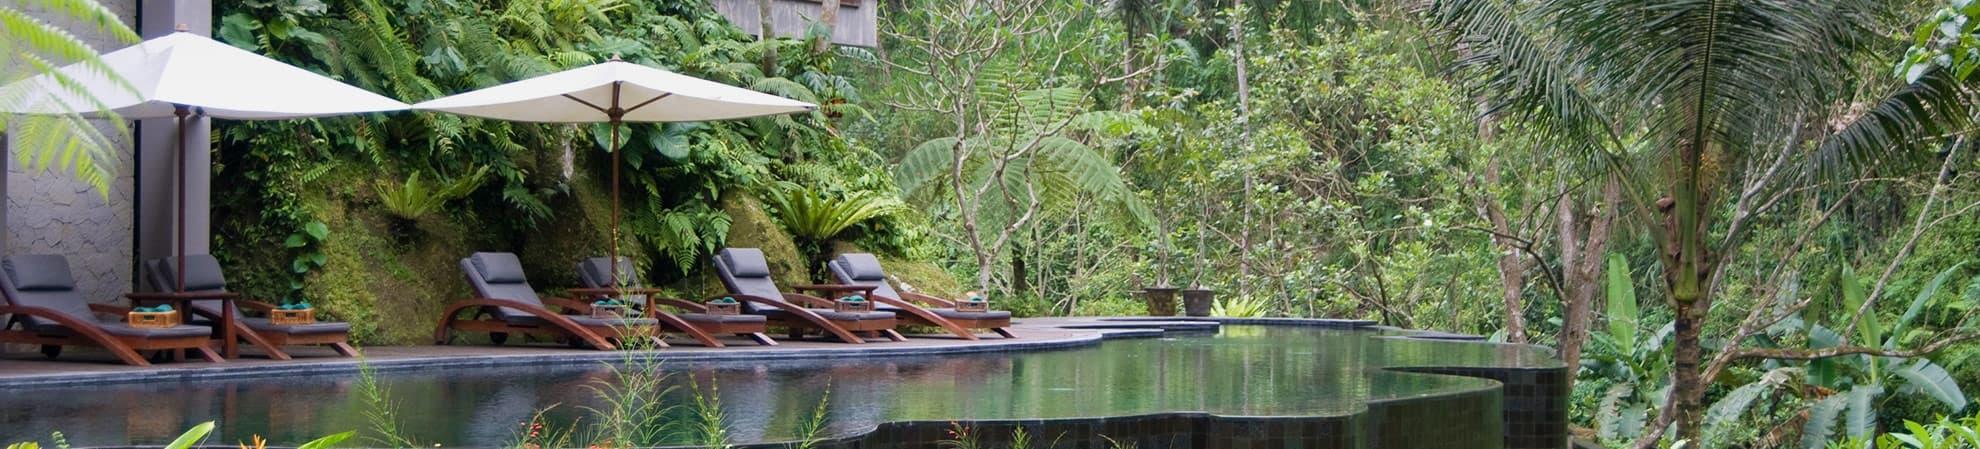 piscine à débordement dans la forêt